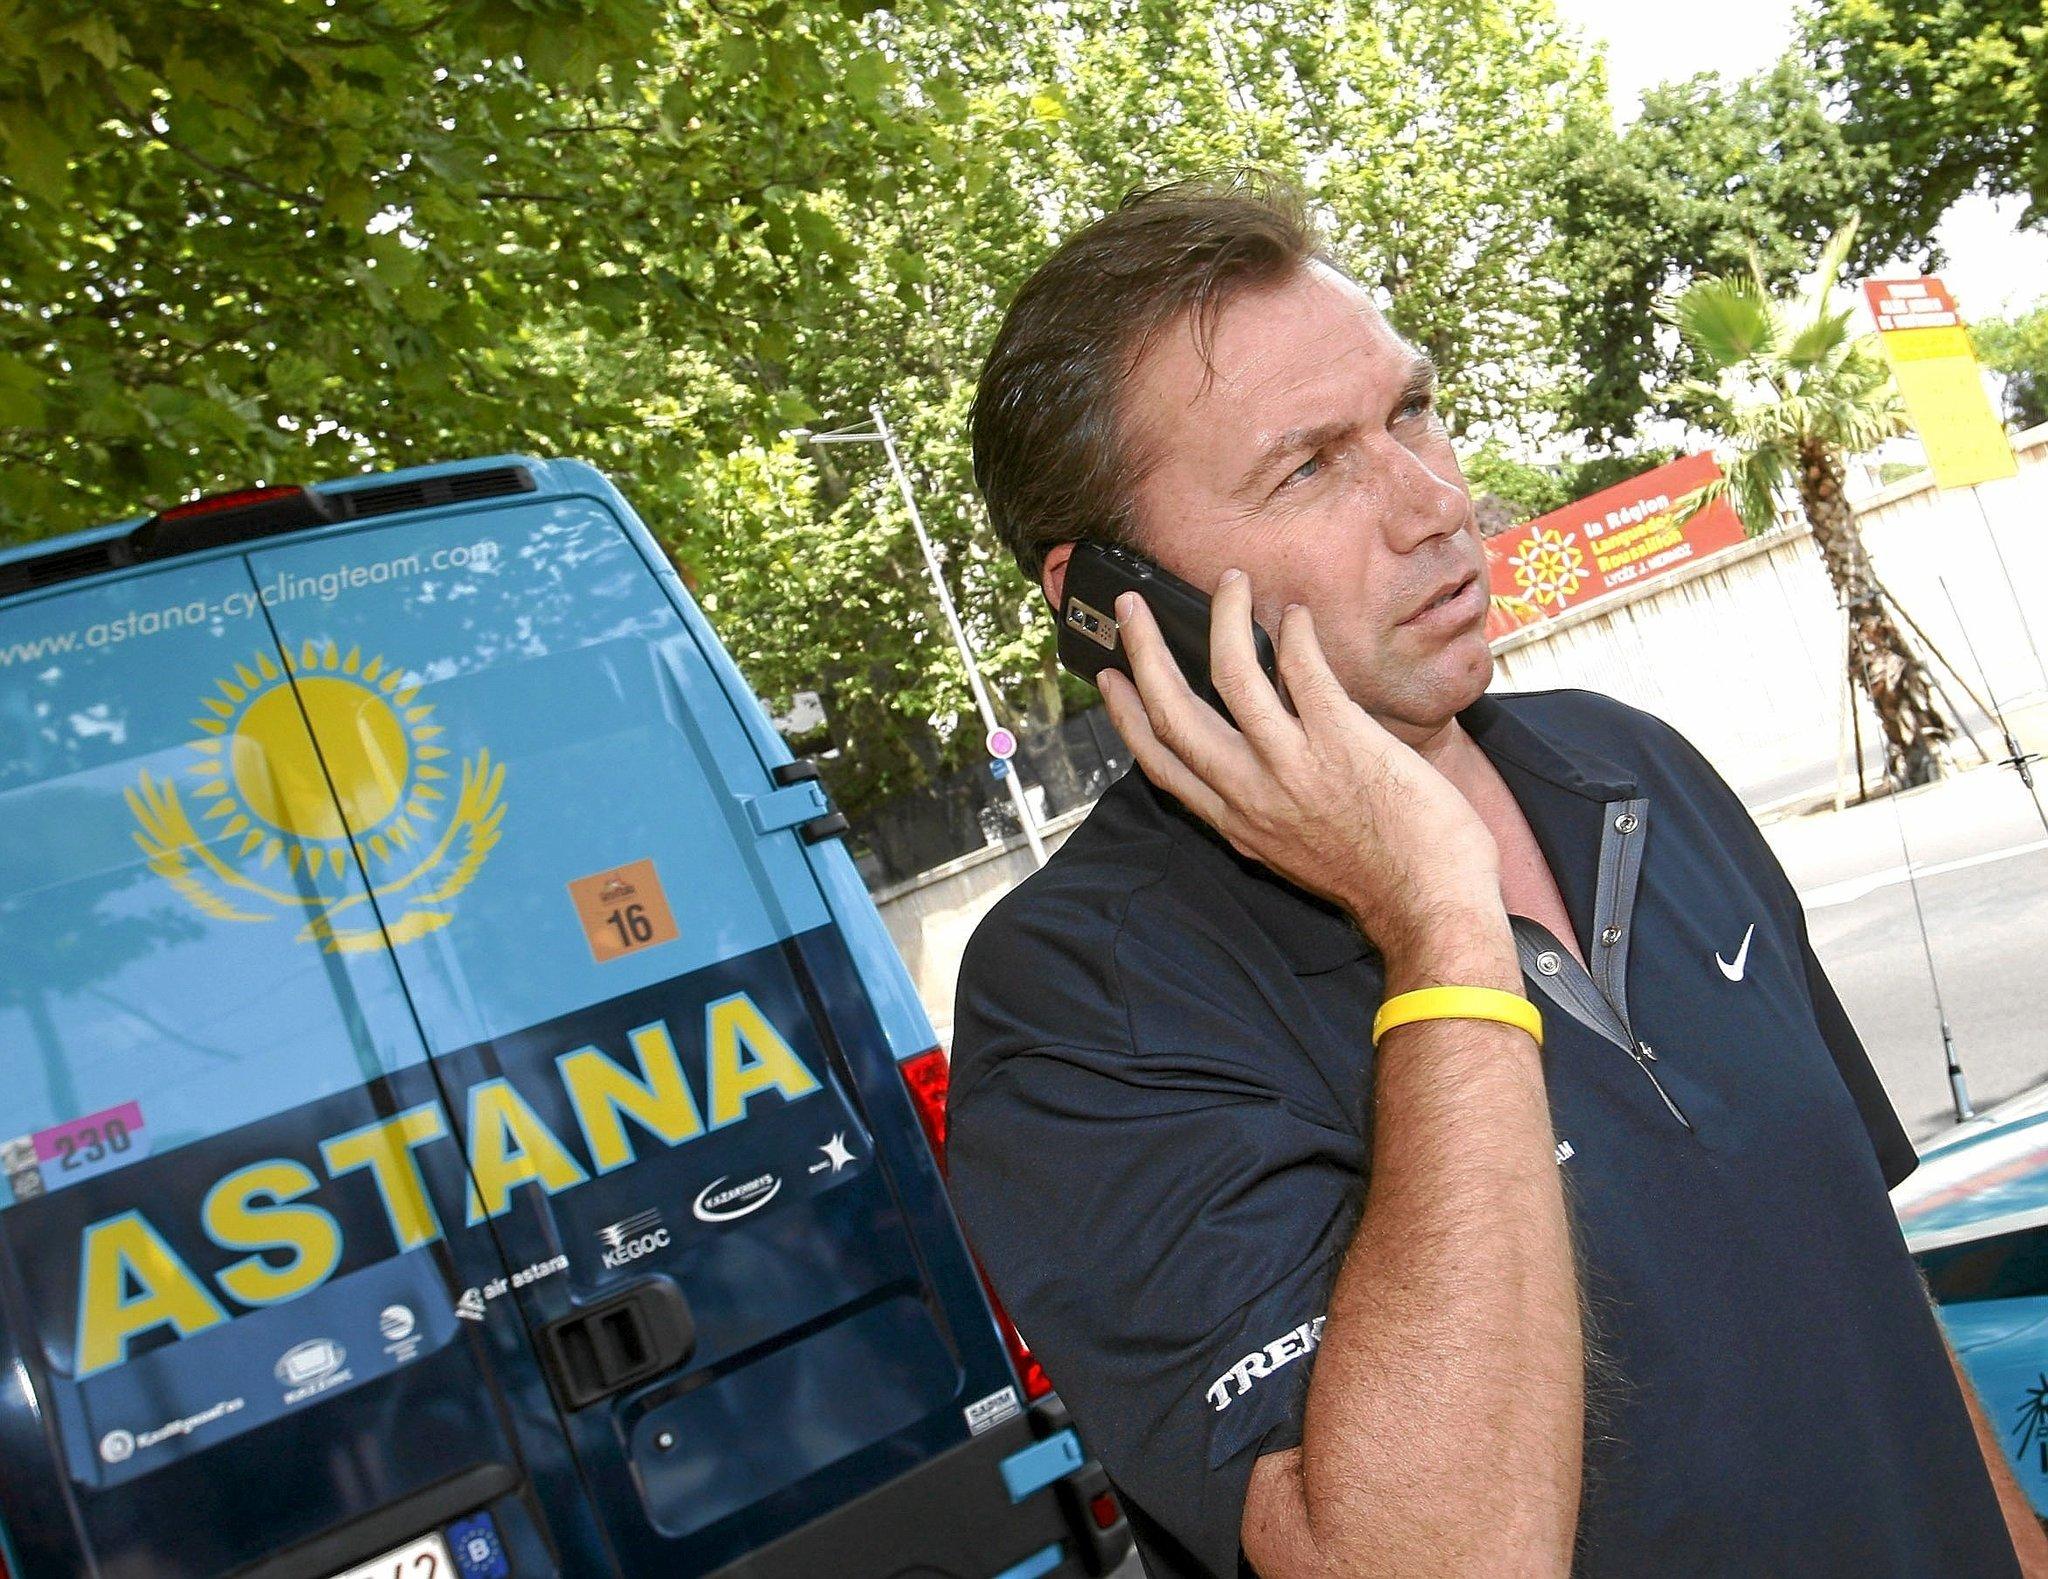 TOUR 2009. ANDANDO POR LA CALLE MIENTRAS HABLA POR TELEFONO